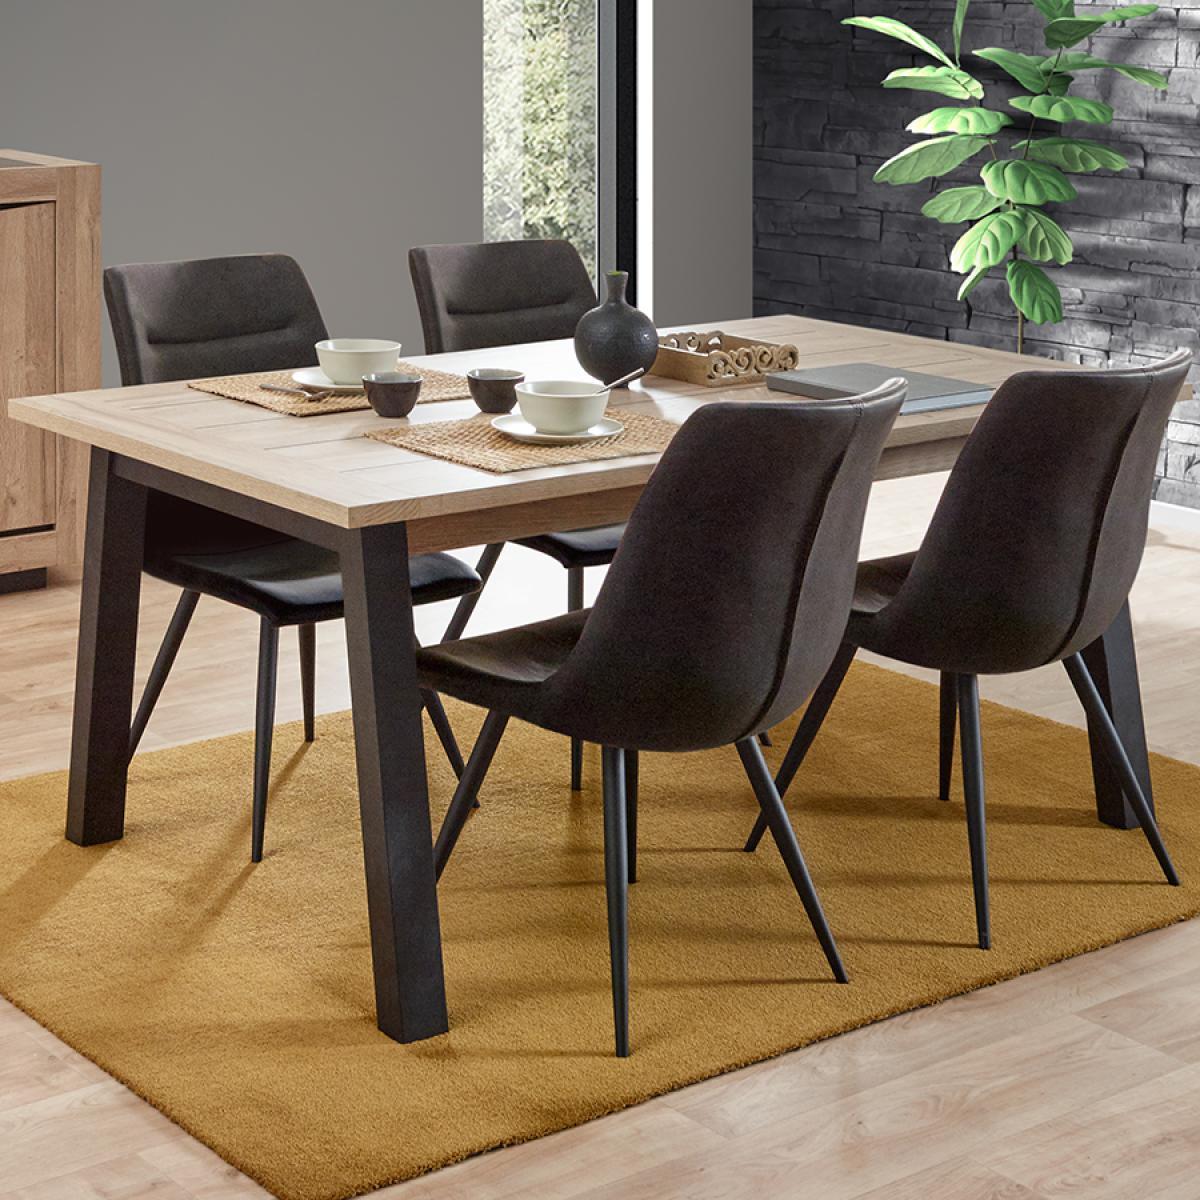 Nouvomeuble Table extensible couleur chêne clair NELLIE